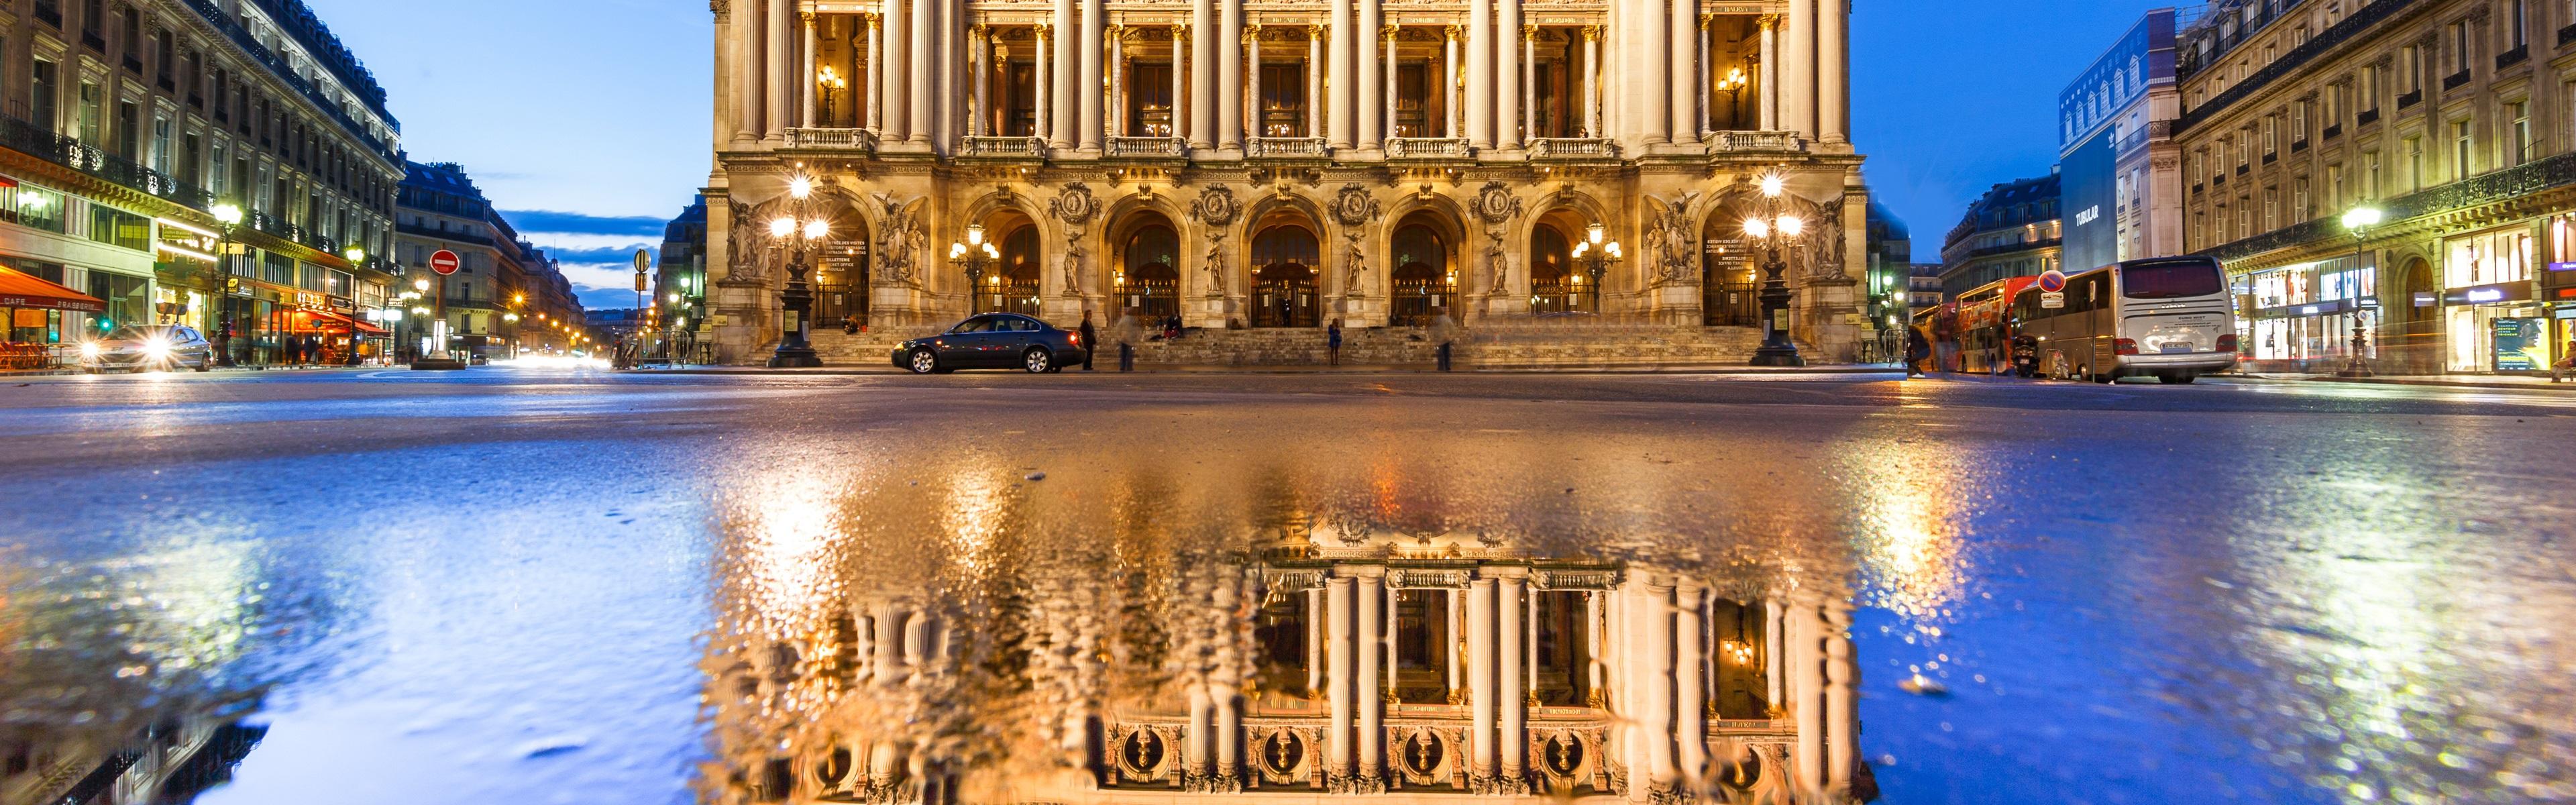 страны архитектура гранд опера париж франция  № 3971732 загрузить